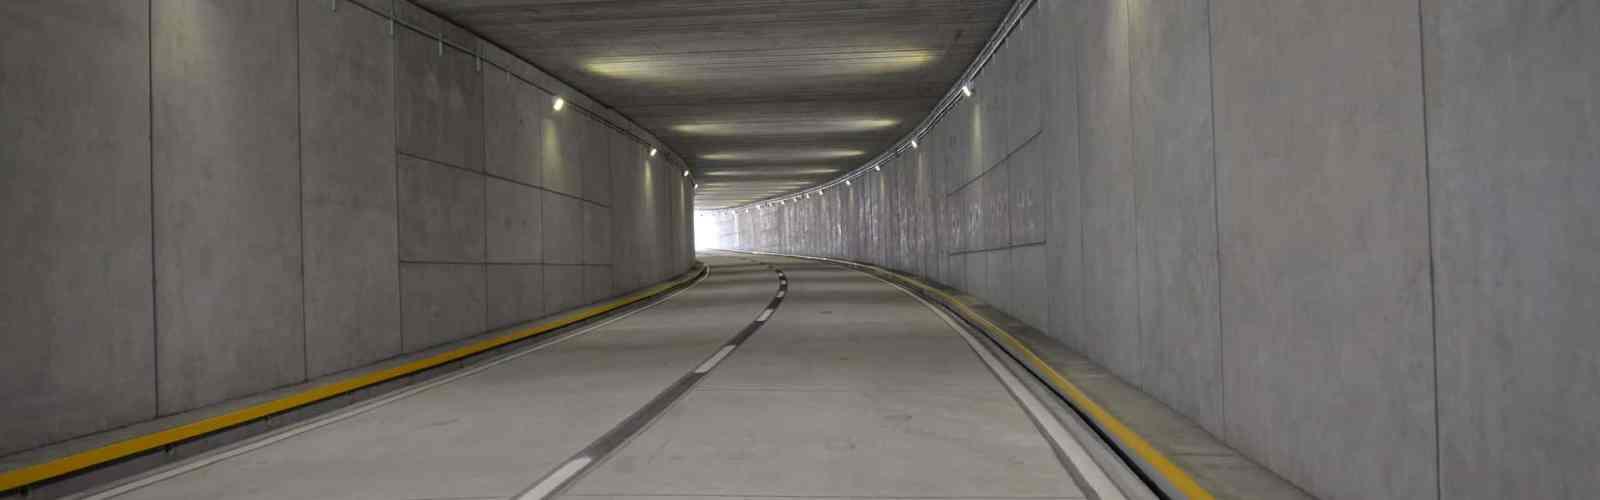 Tunel de Plaza España